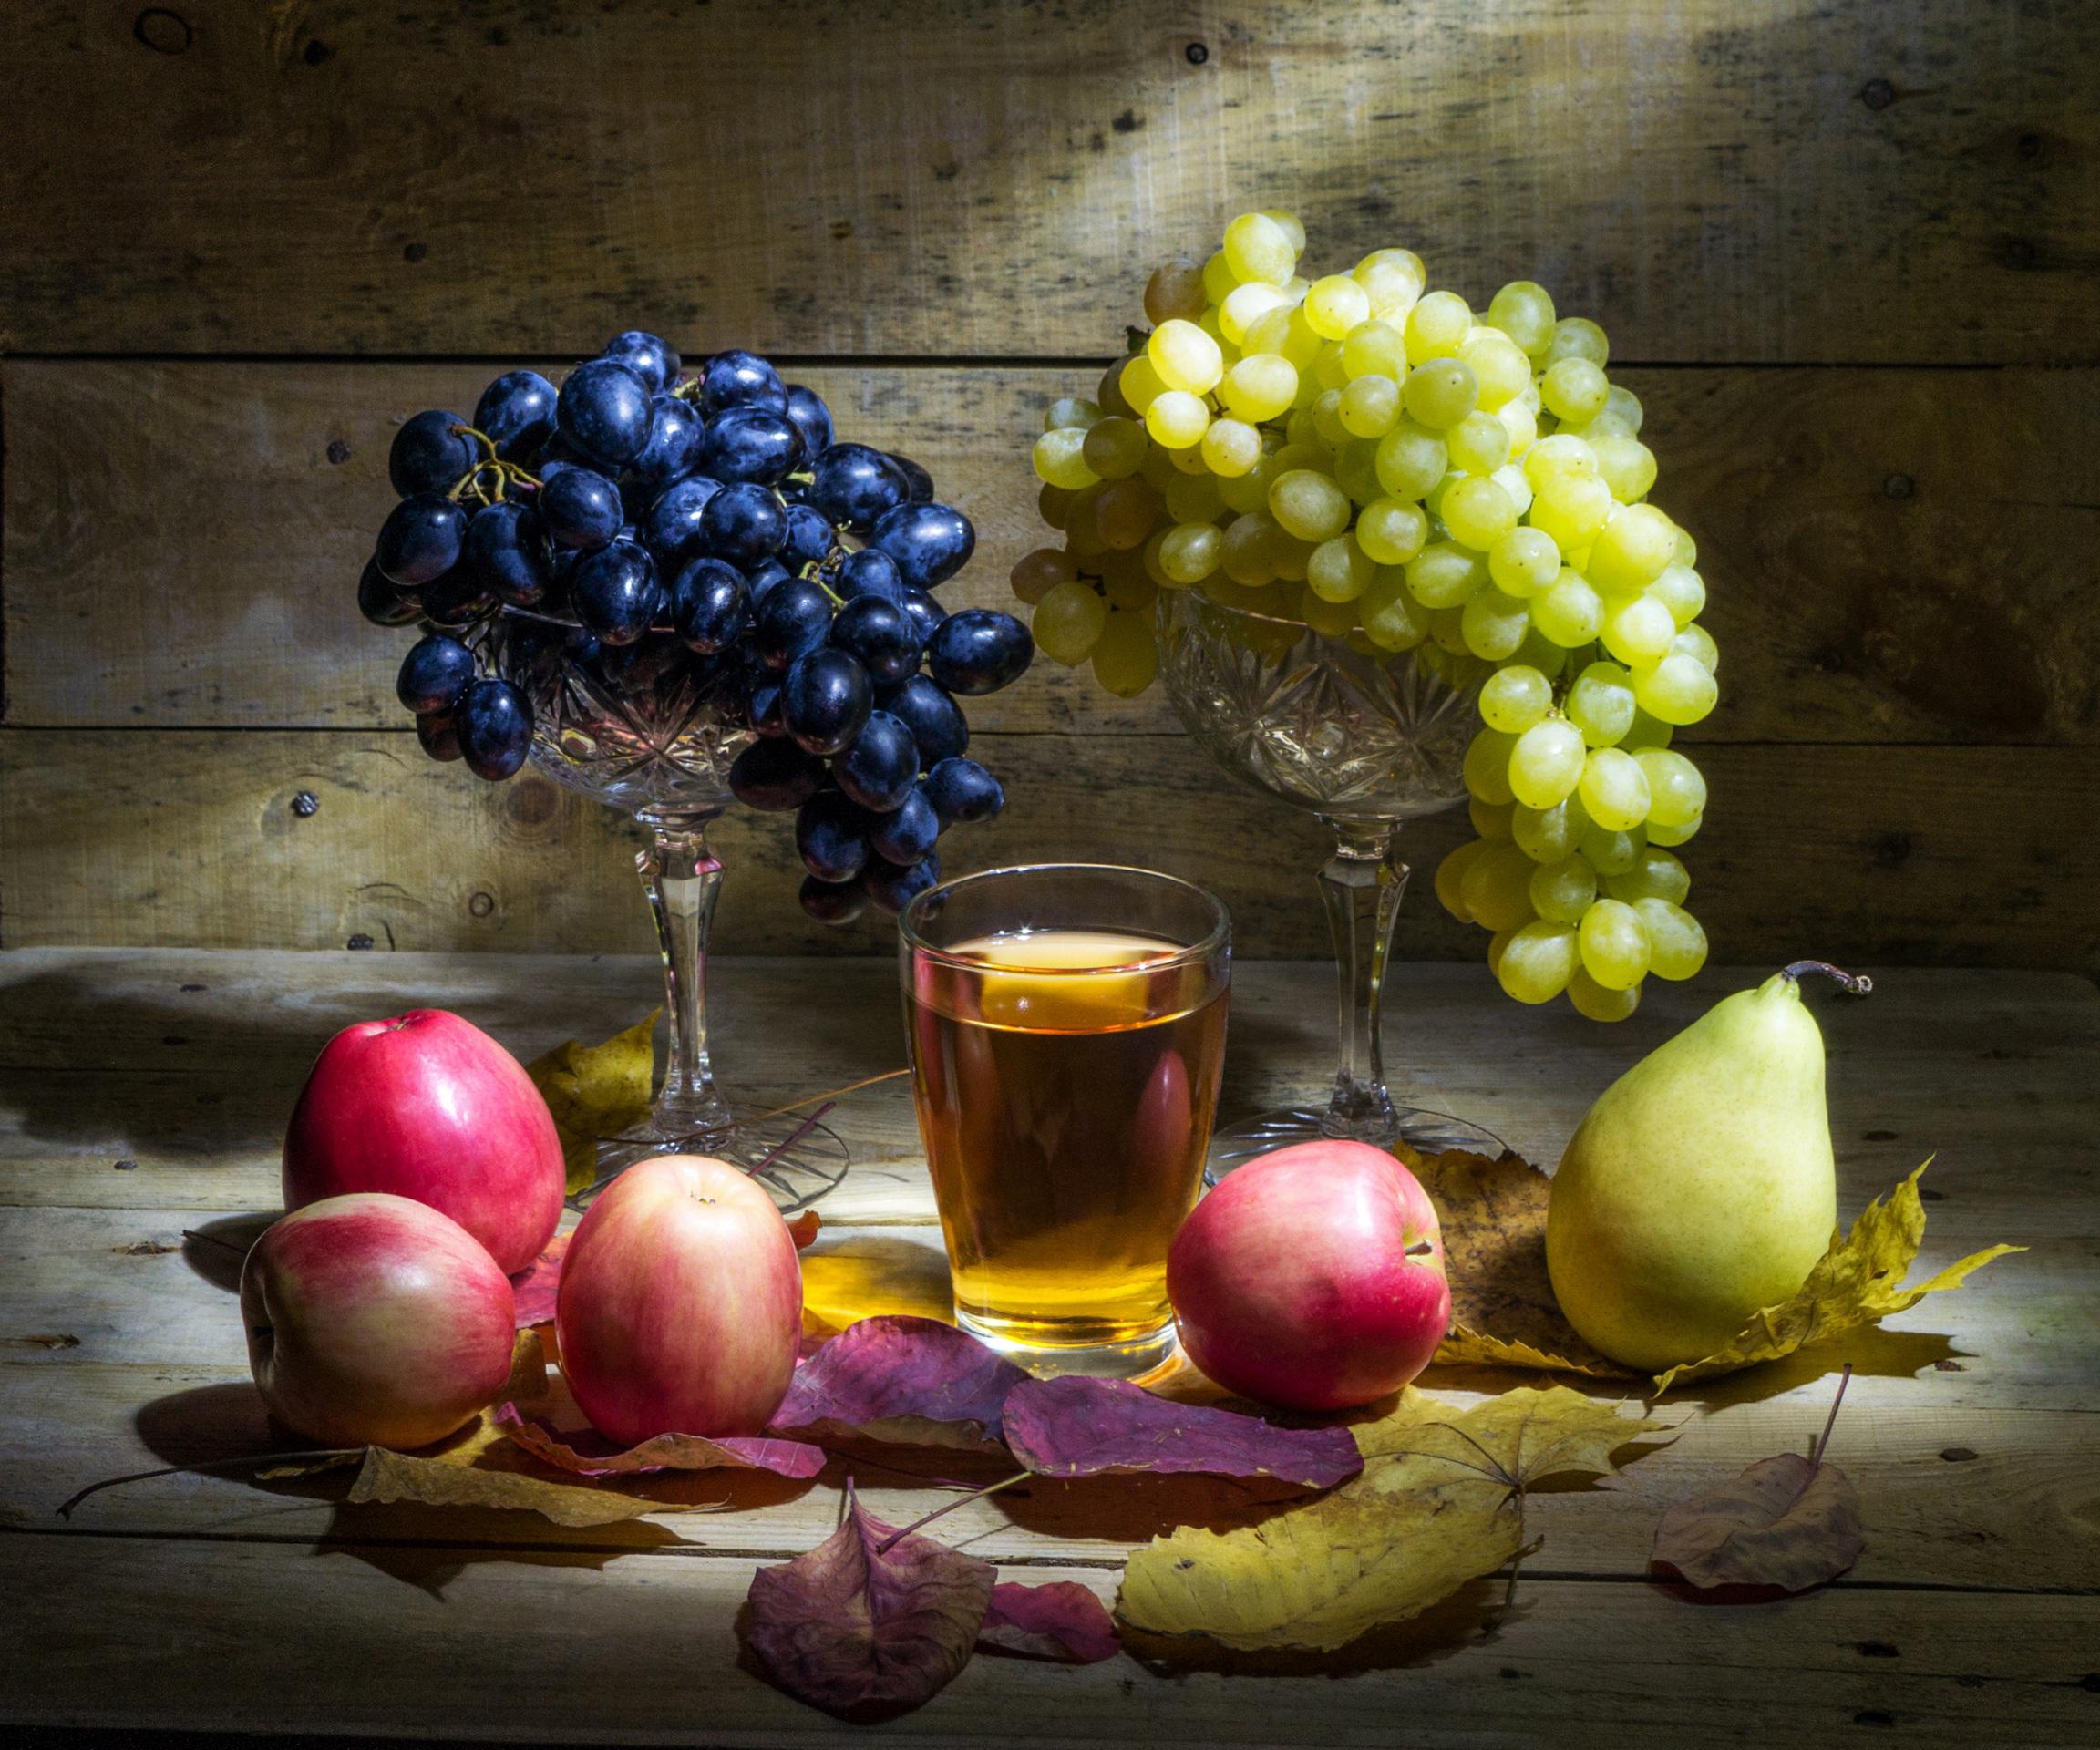 Обои Листья Сок Груши Стакан Яблоки Виноград Еда Натюрморт 2304x1920 лист Листва стакана стакане Пища Продукты питания